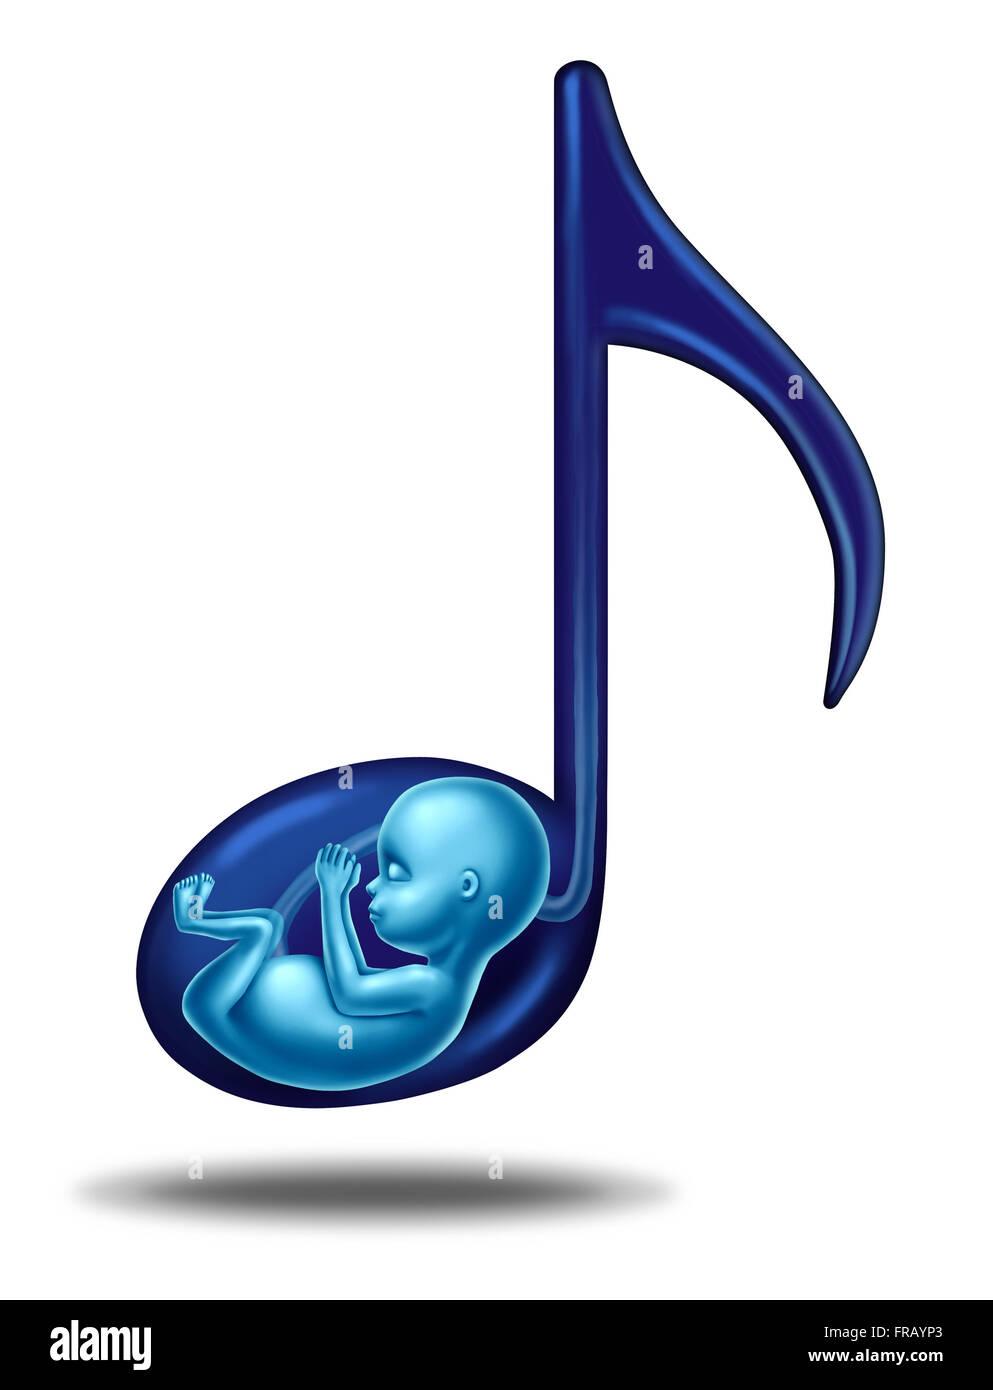 Schwangerschaft-Musik und pränatale hören Lieder Konzept für ein Fötus, die in der Gebärmutter Stockbild